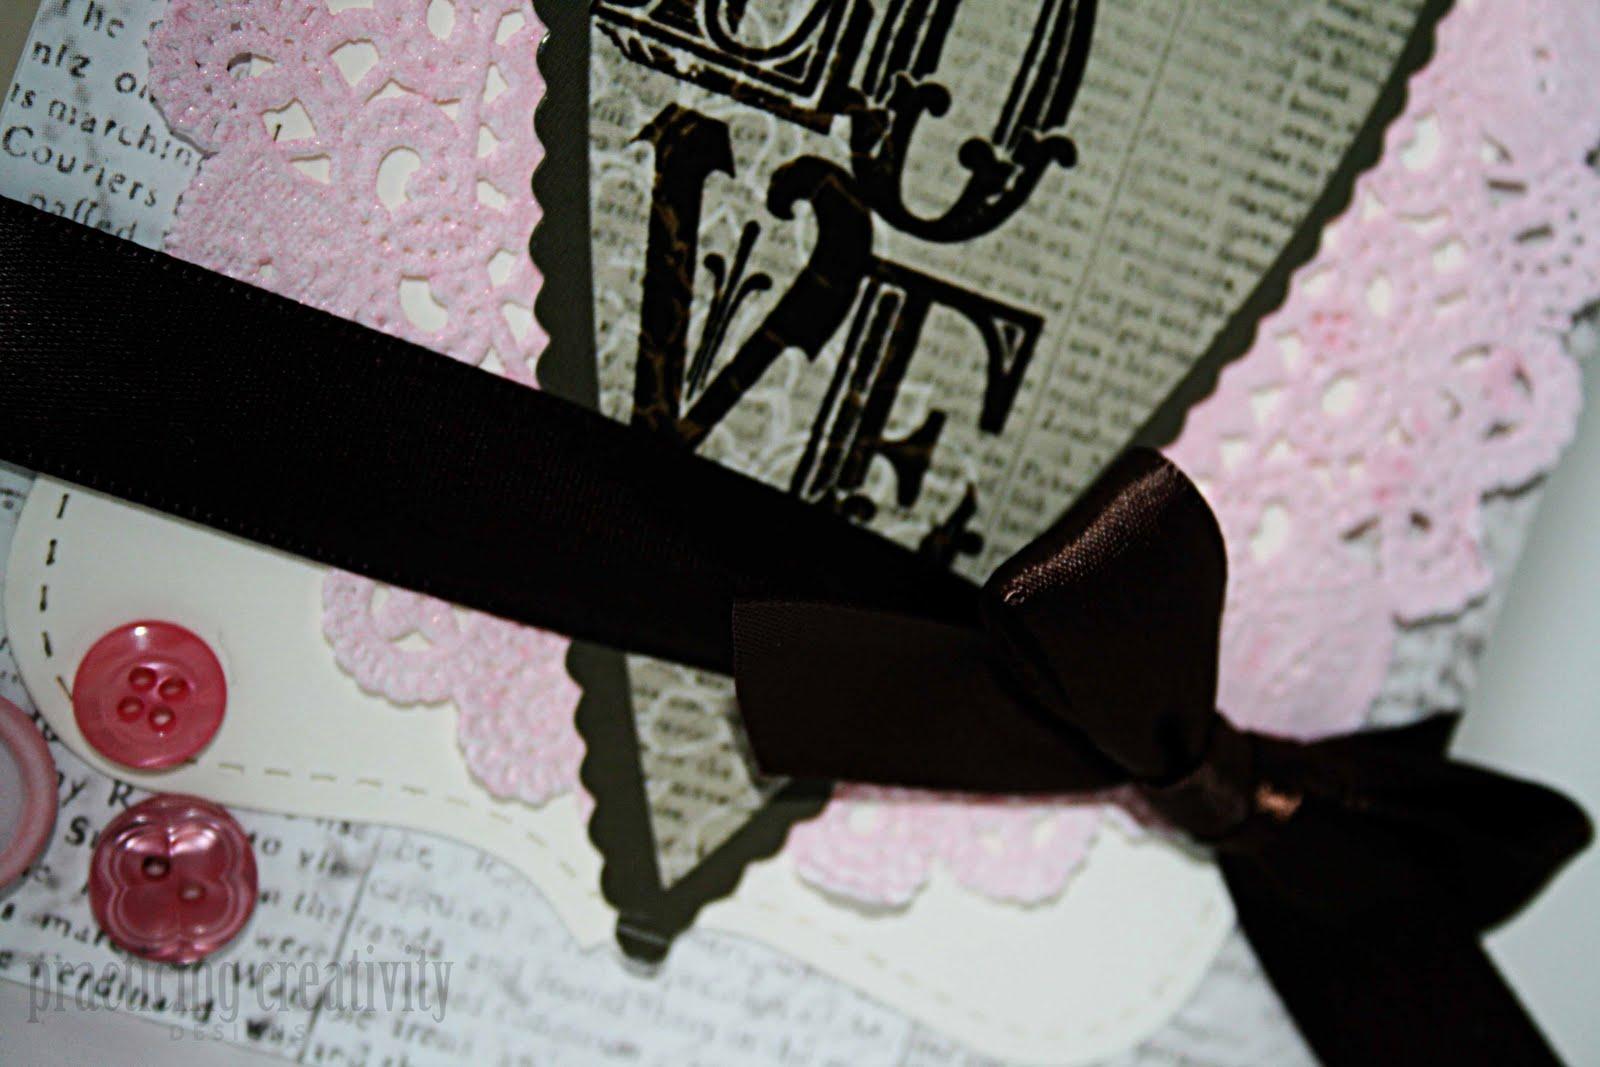 http://2.bp.blogspot.com/_HA-UJ2NoLuk/TEyUKv5NjrI/AAAAAAAADkM/4DfuLQH5Hxg/s1600/Courtney+Baker_6663.jpg